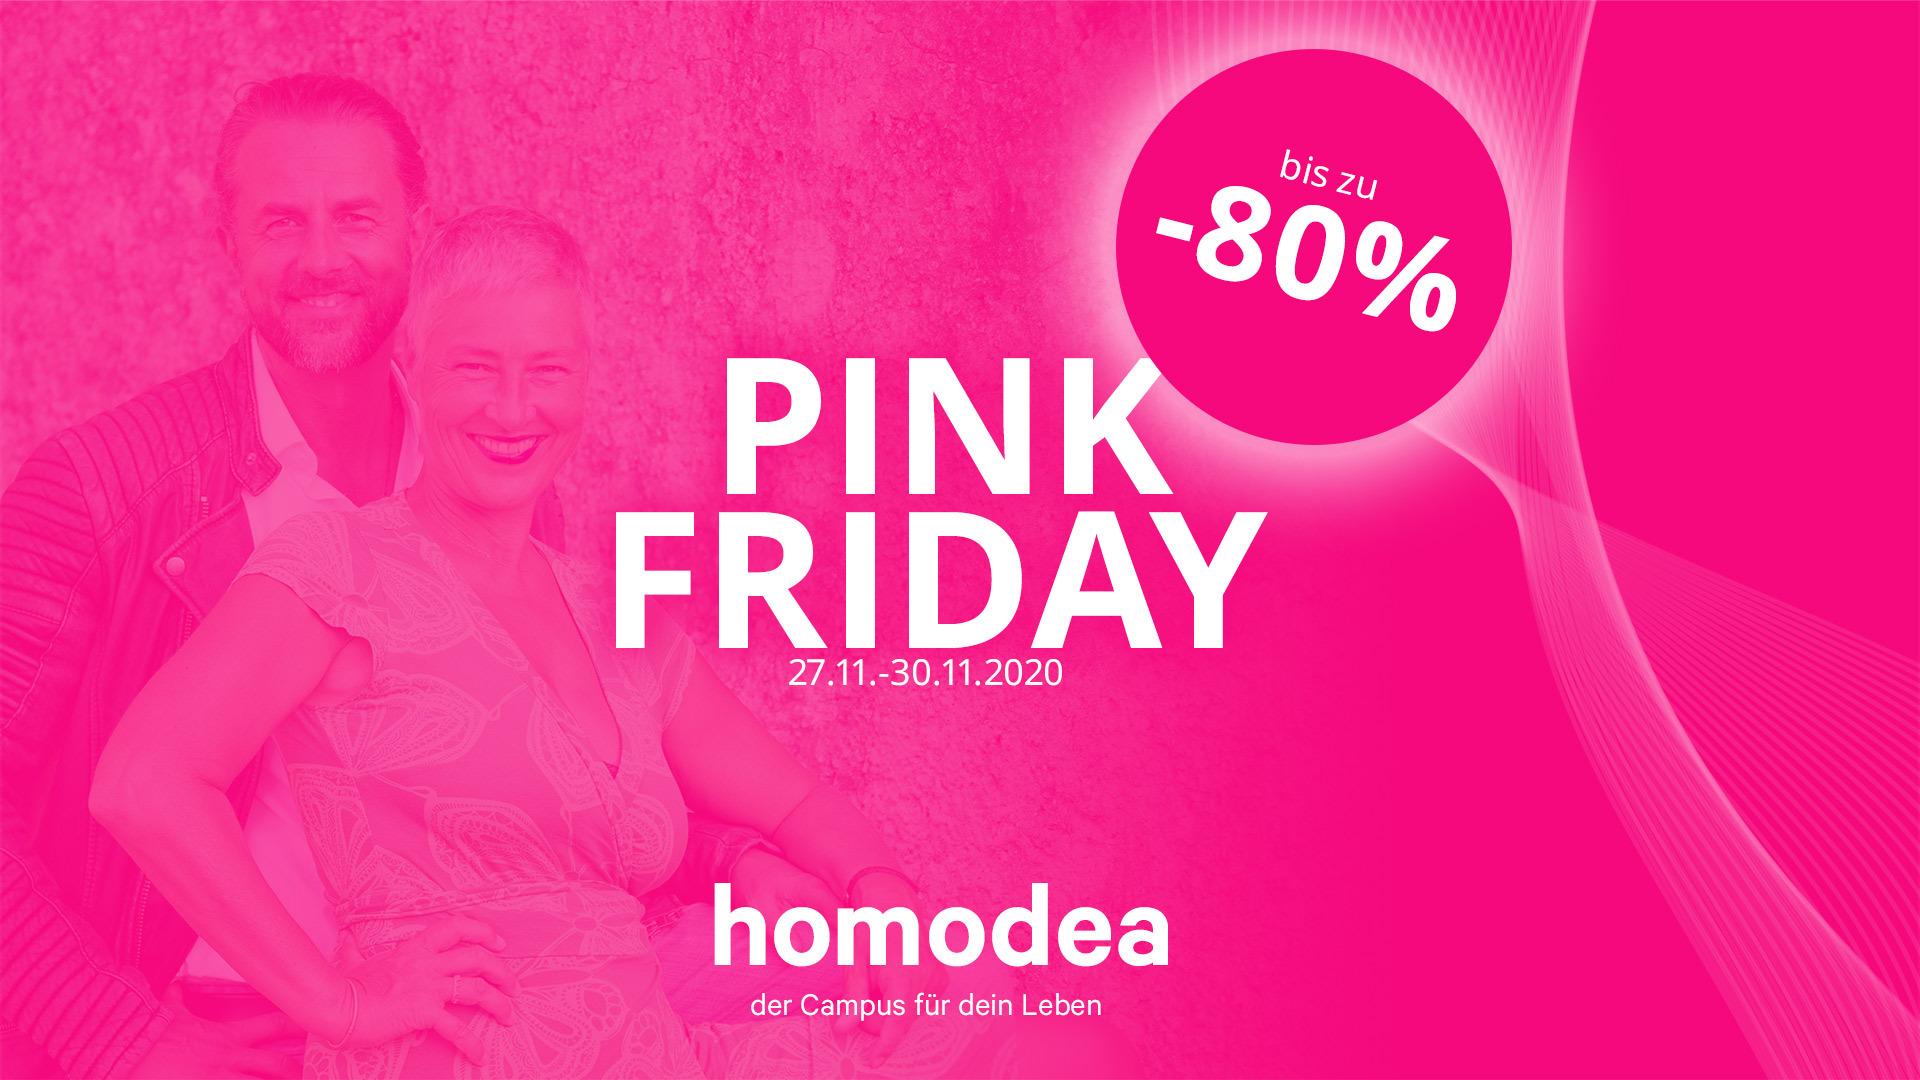 Bis zu 80 Prozent sparen beim Pink Friday auf homodea